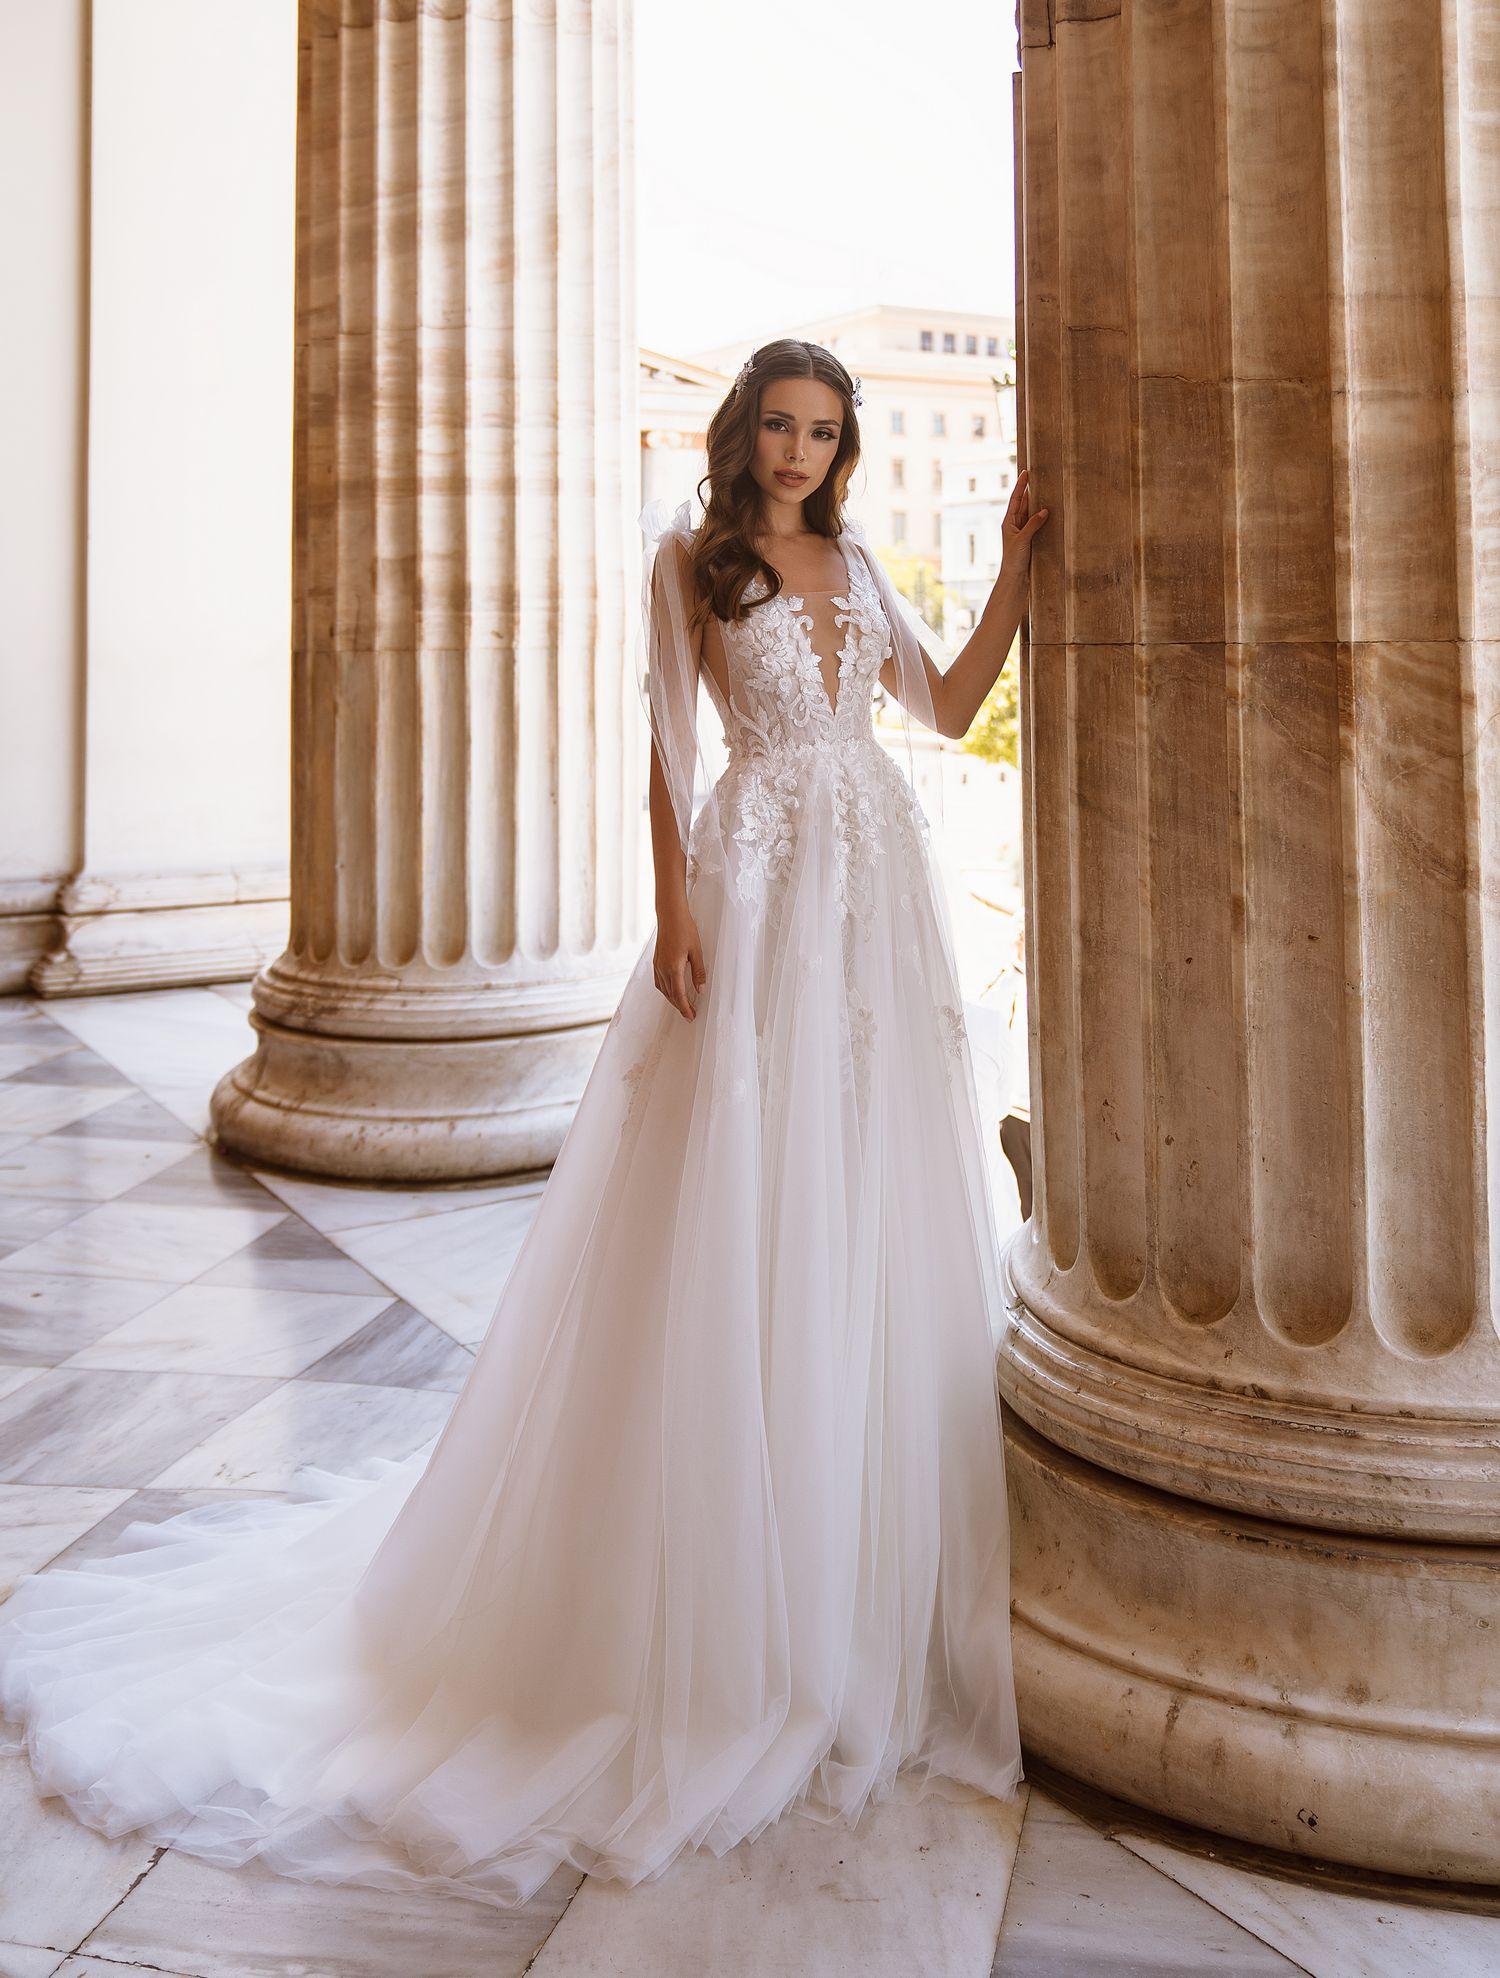 Романтичное свадебное платье с бантами от ТМ Supernova оптом-1